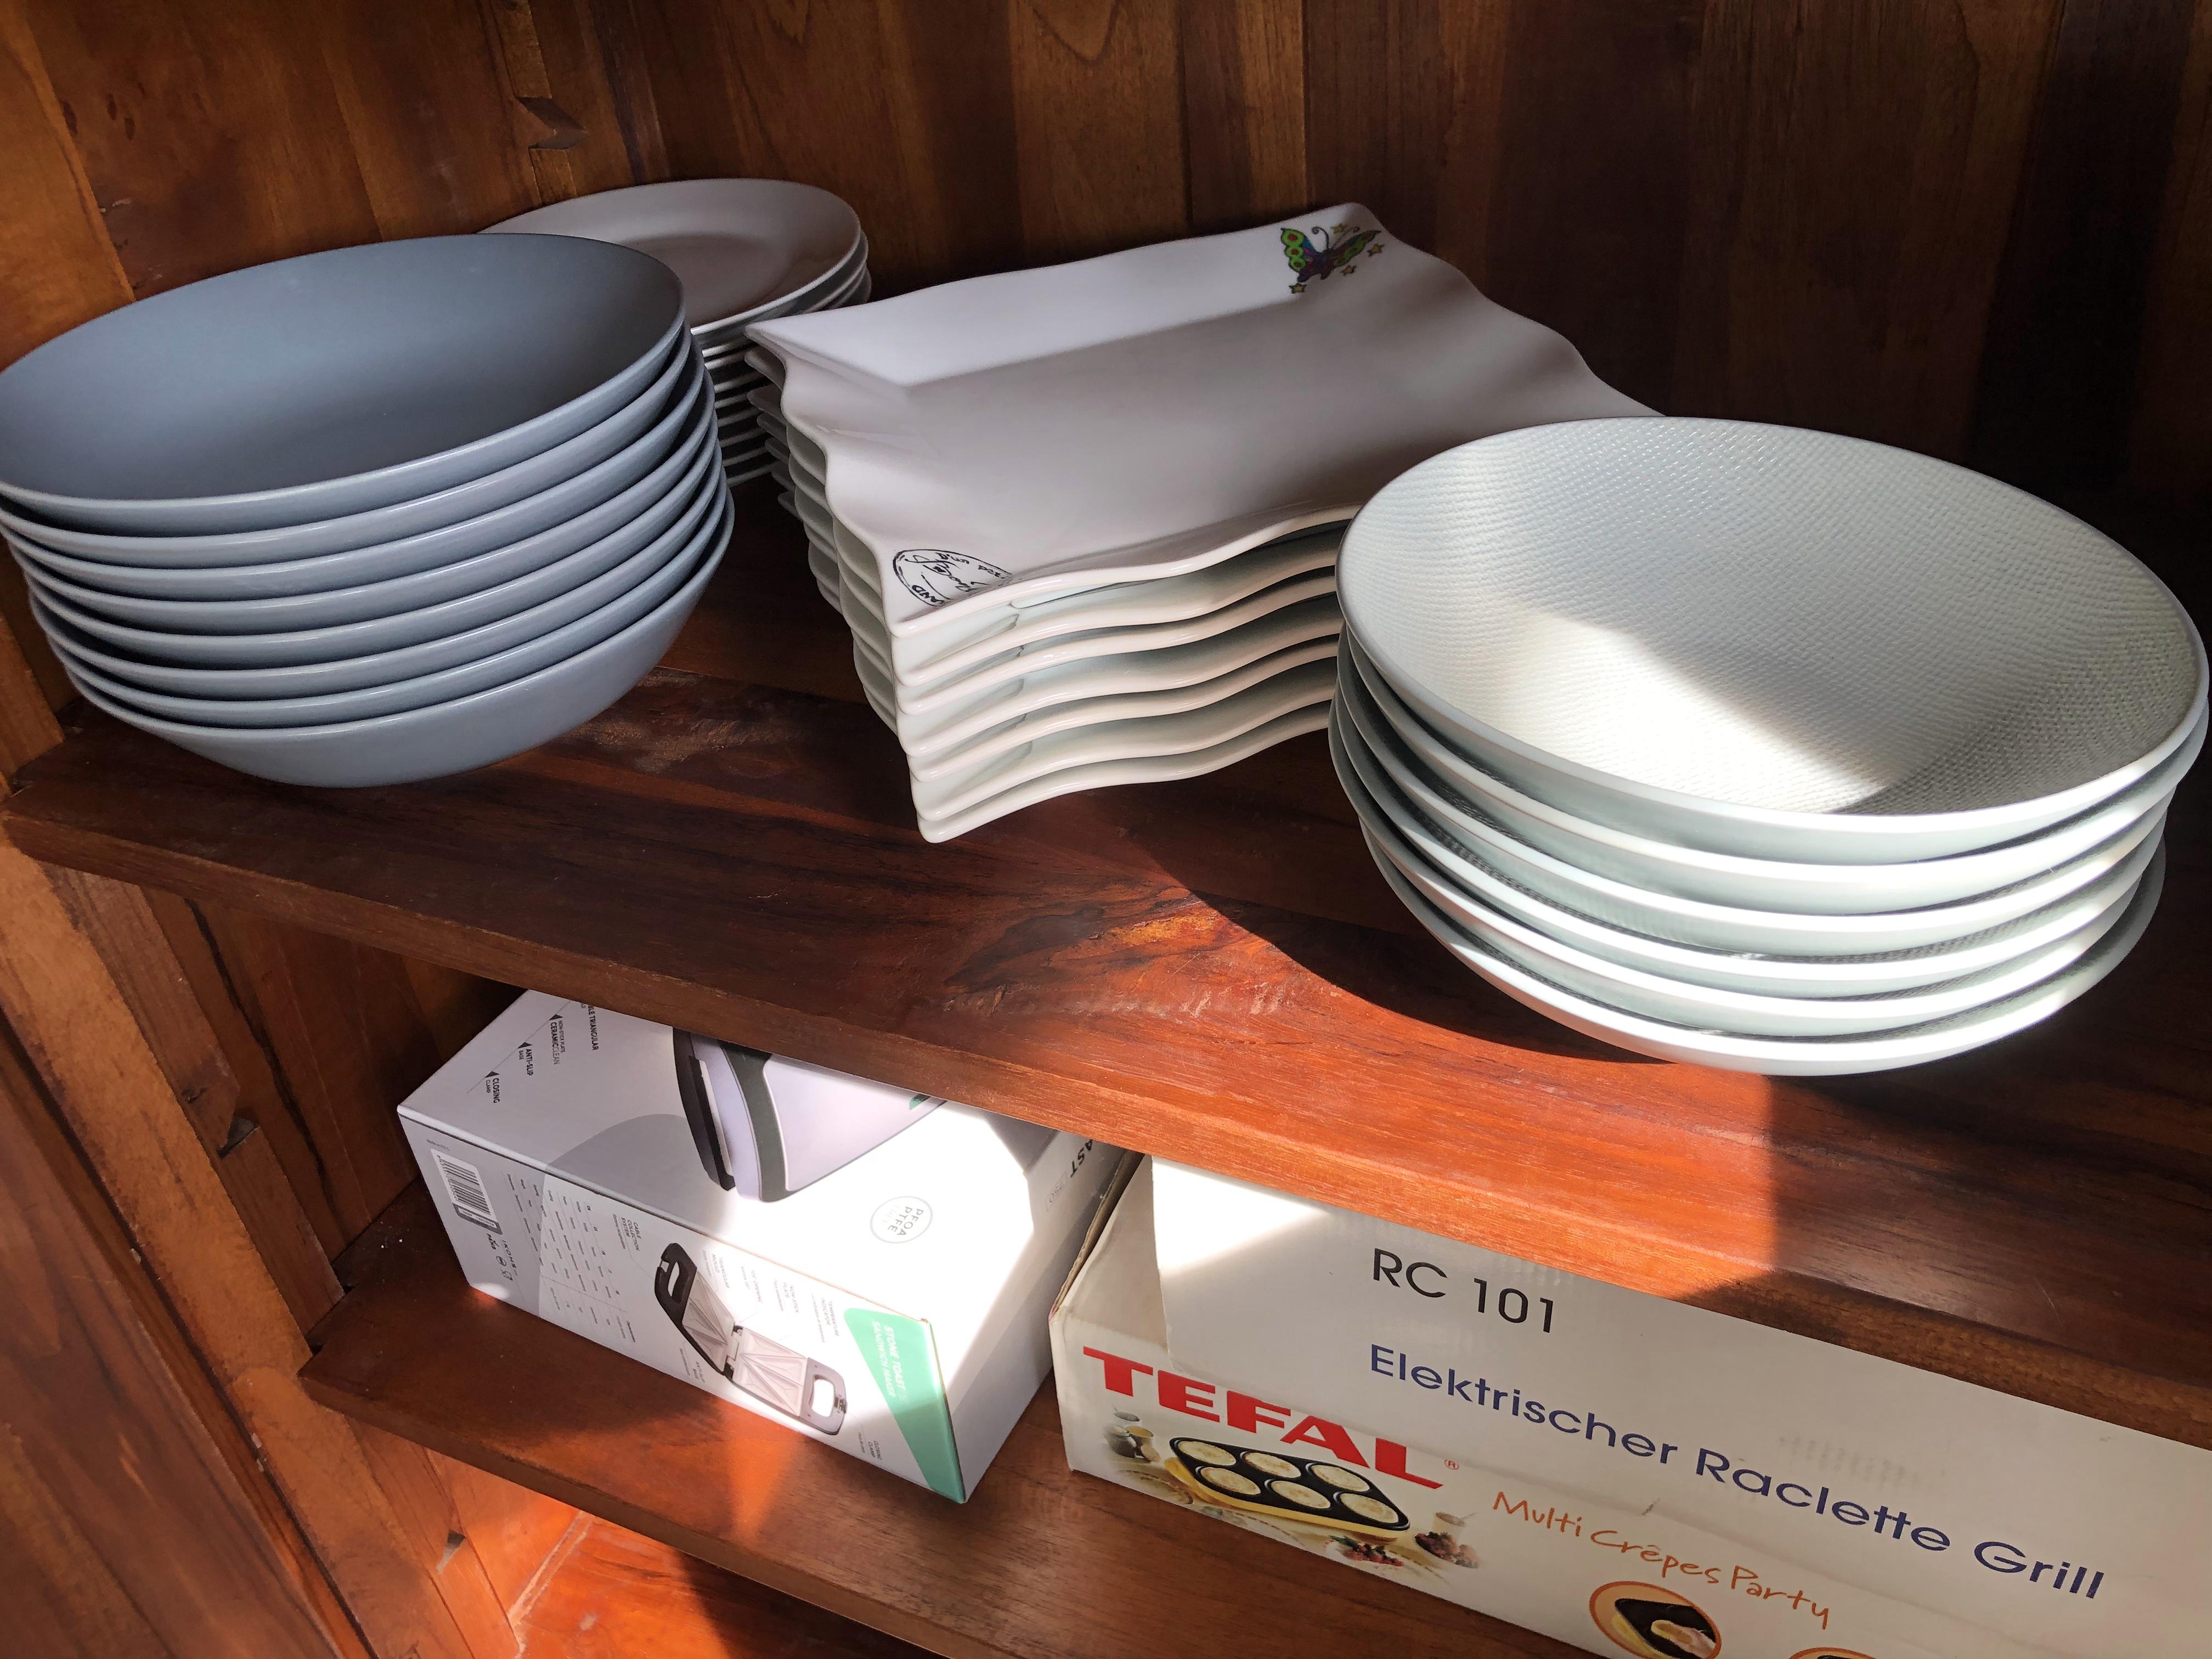 vaisselle et petits appareils pour specialités culinaires